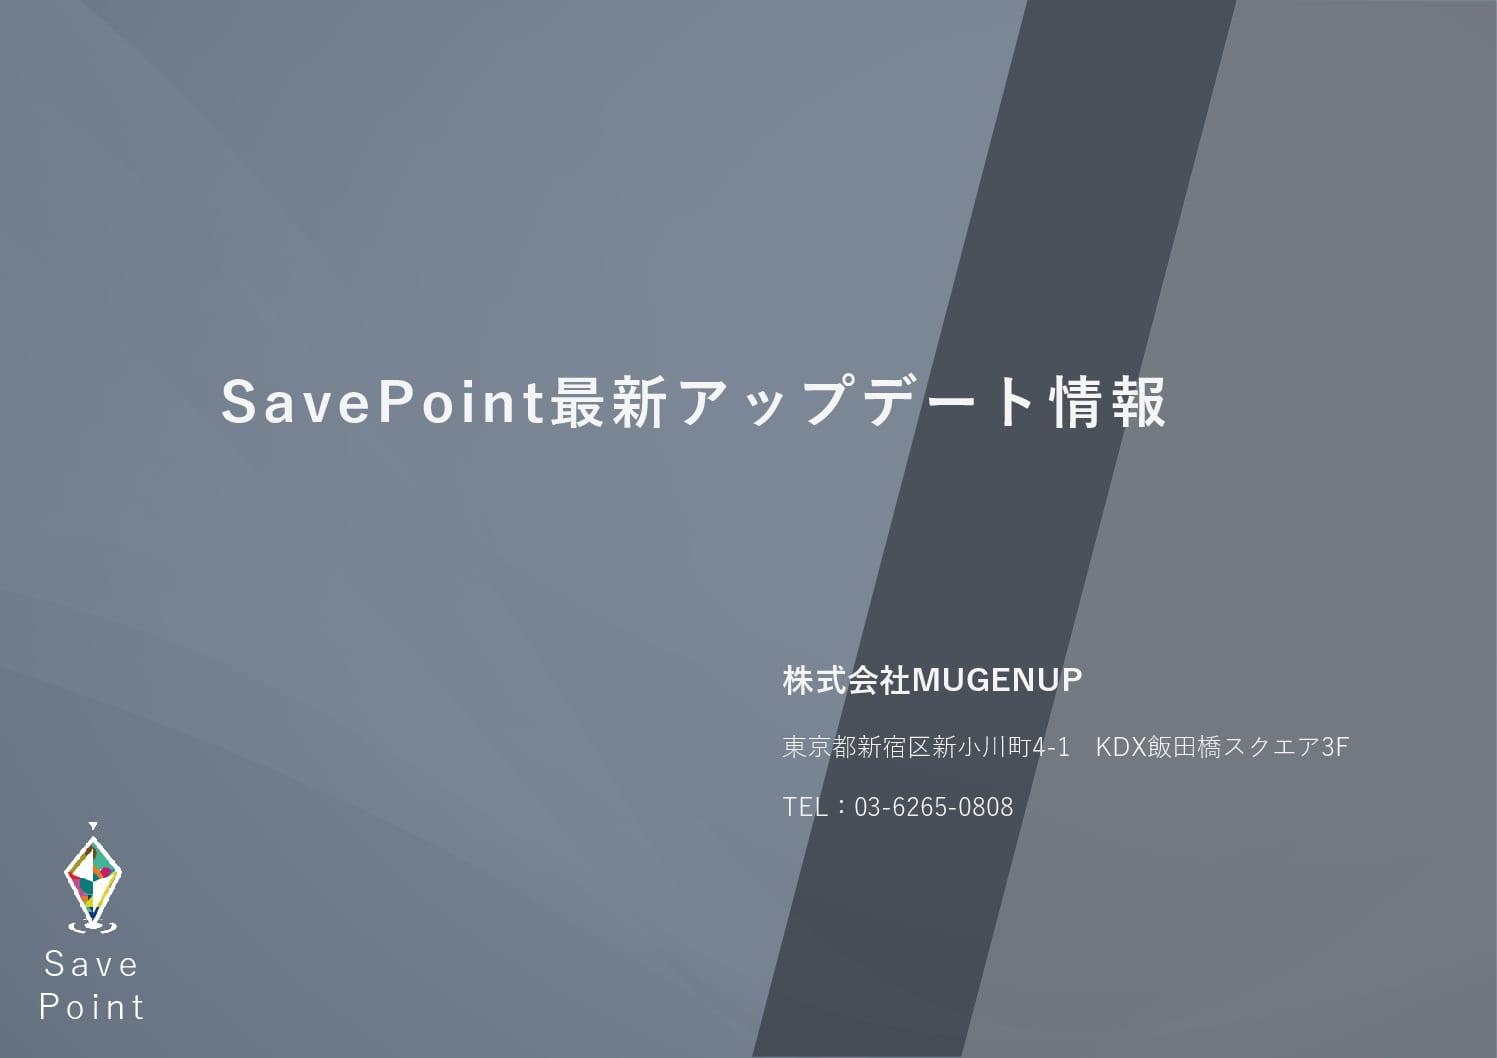 【最新リリースノート情報】